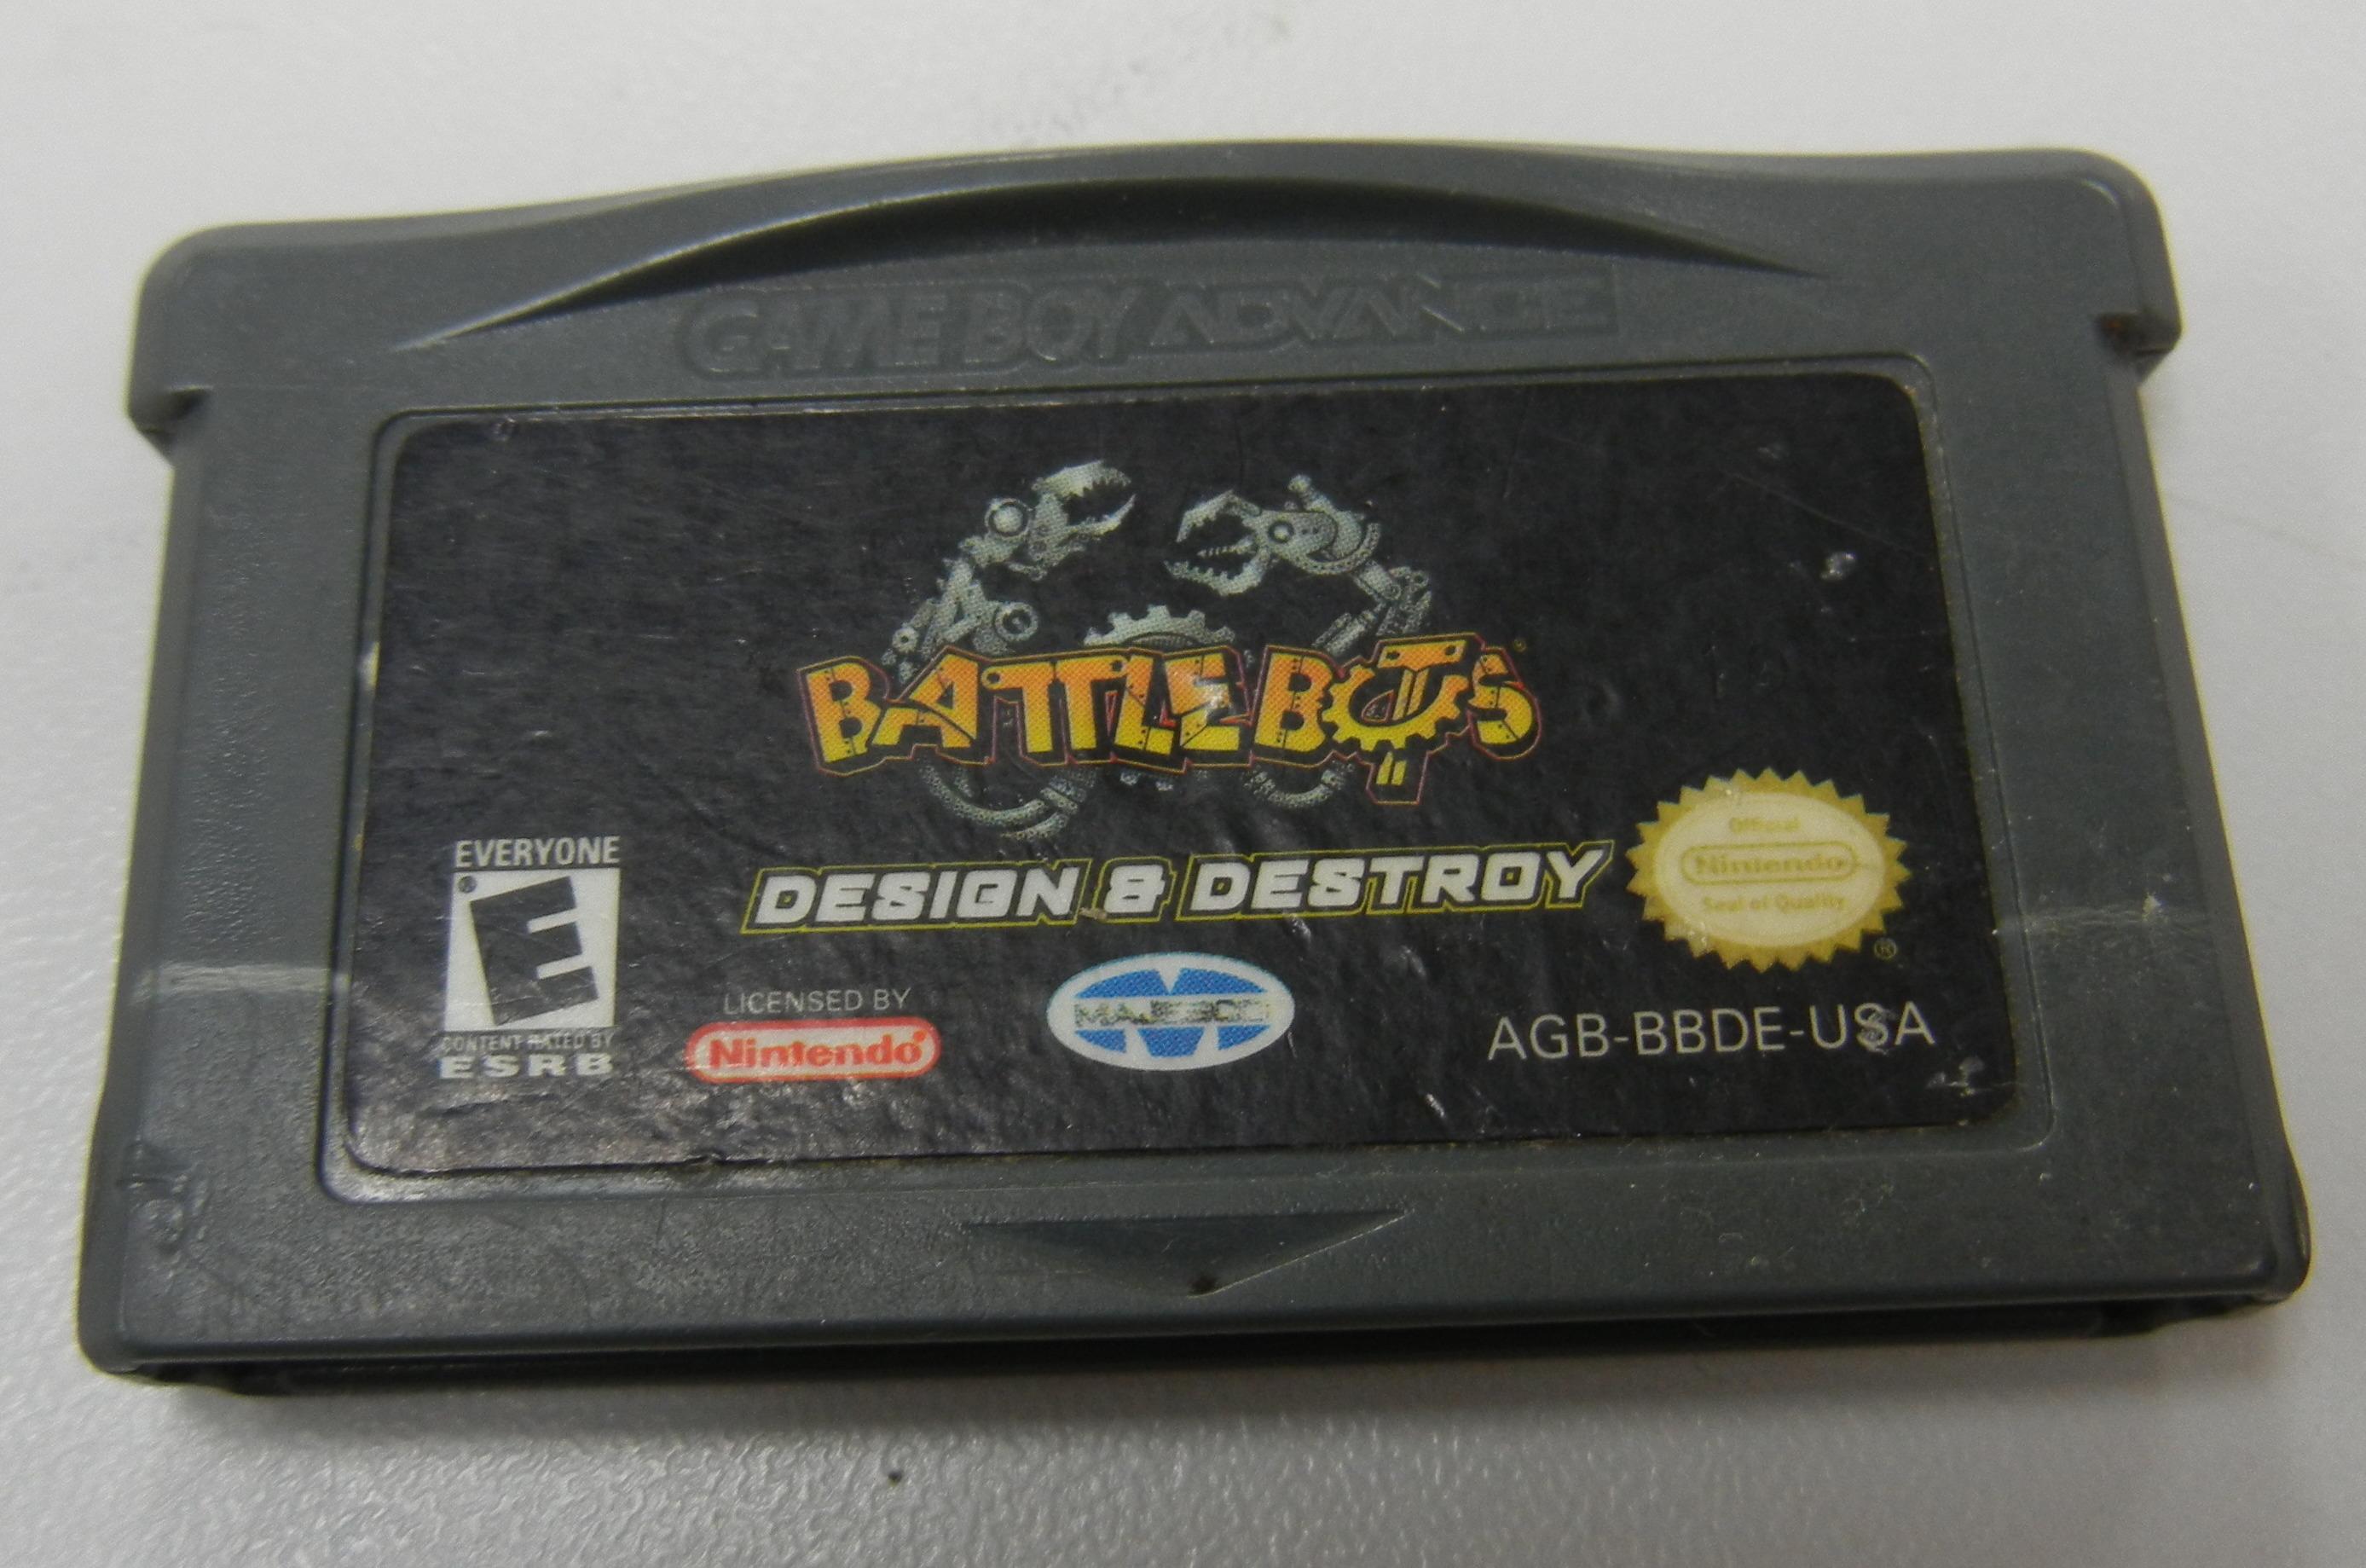 BATTLE BOTS - DESIGN & DESTROY - GAMEBOY ADVANCE GAMES